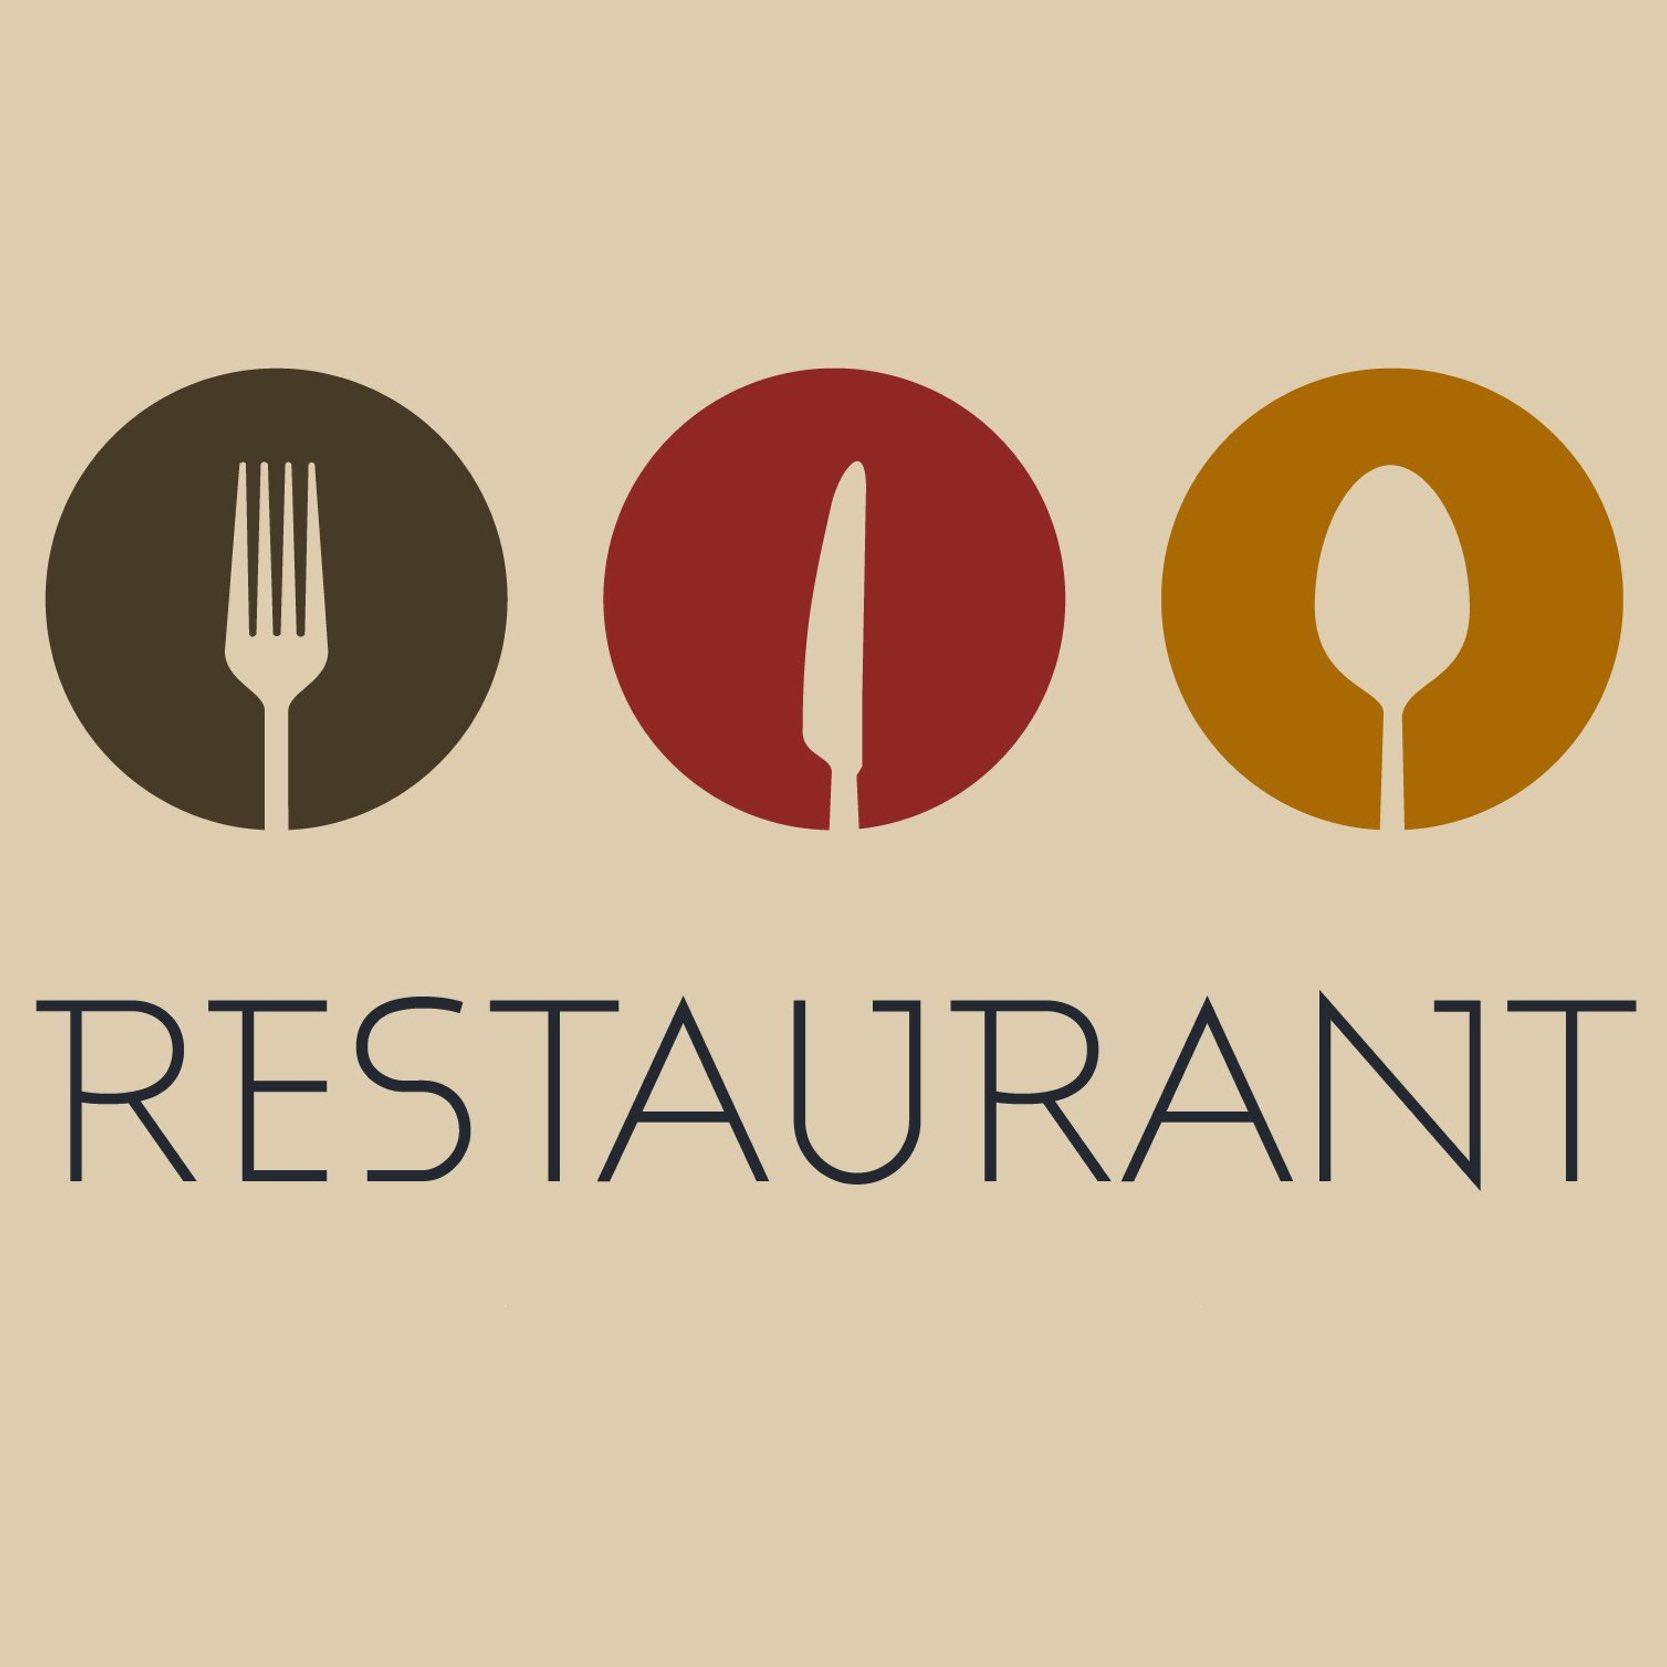 Creative Restaurant Design Studio in India